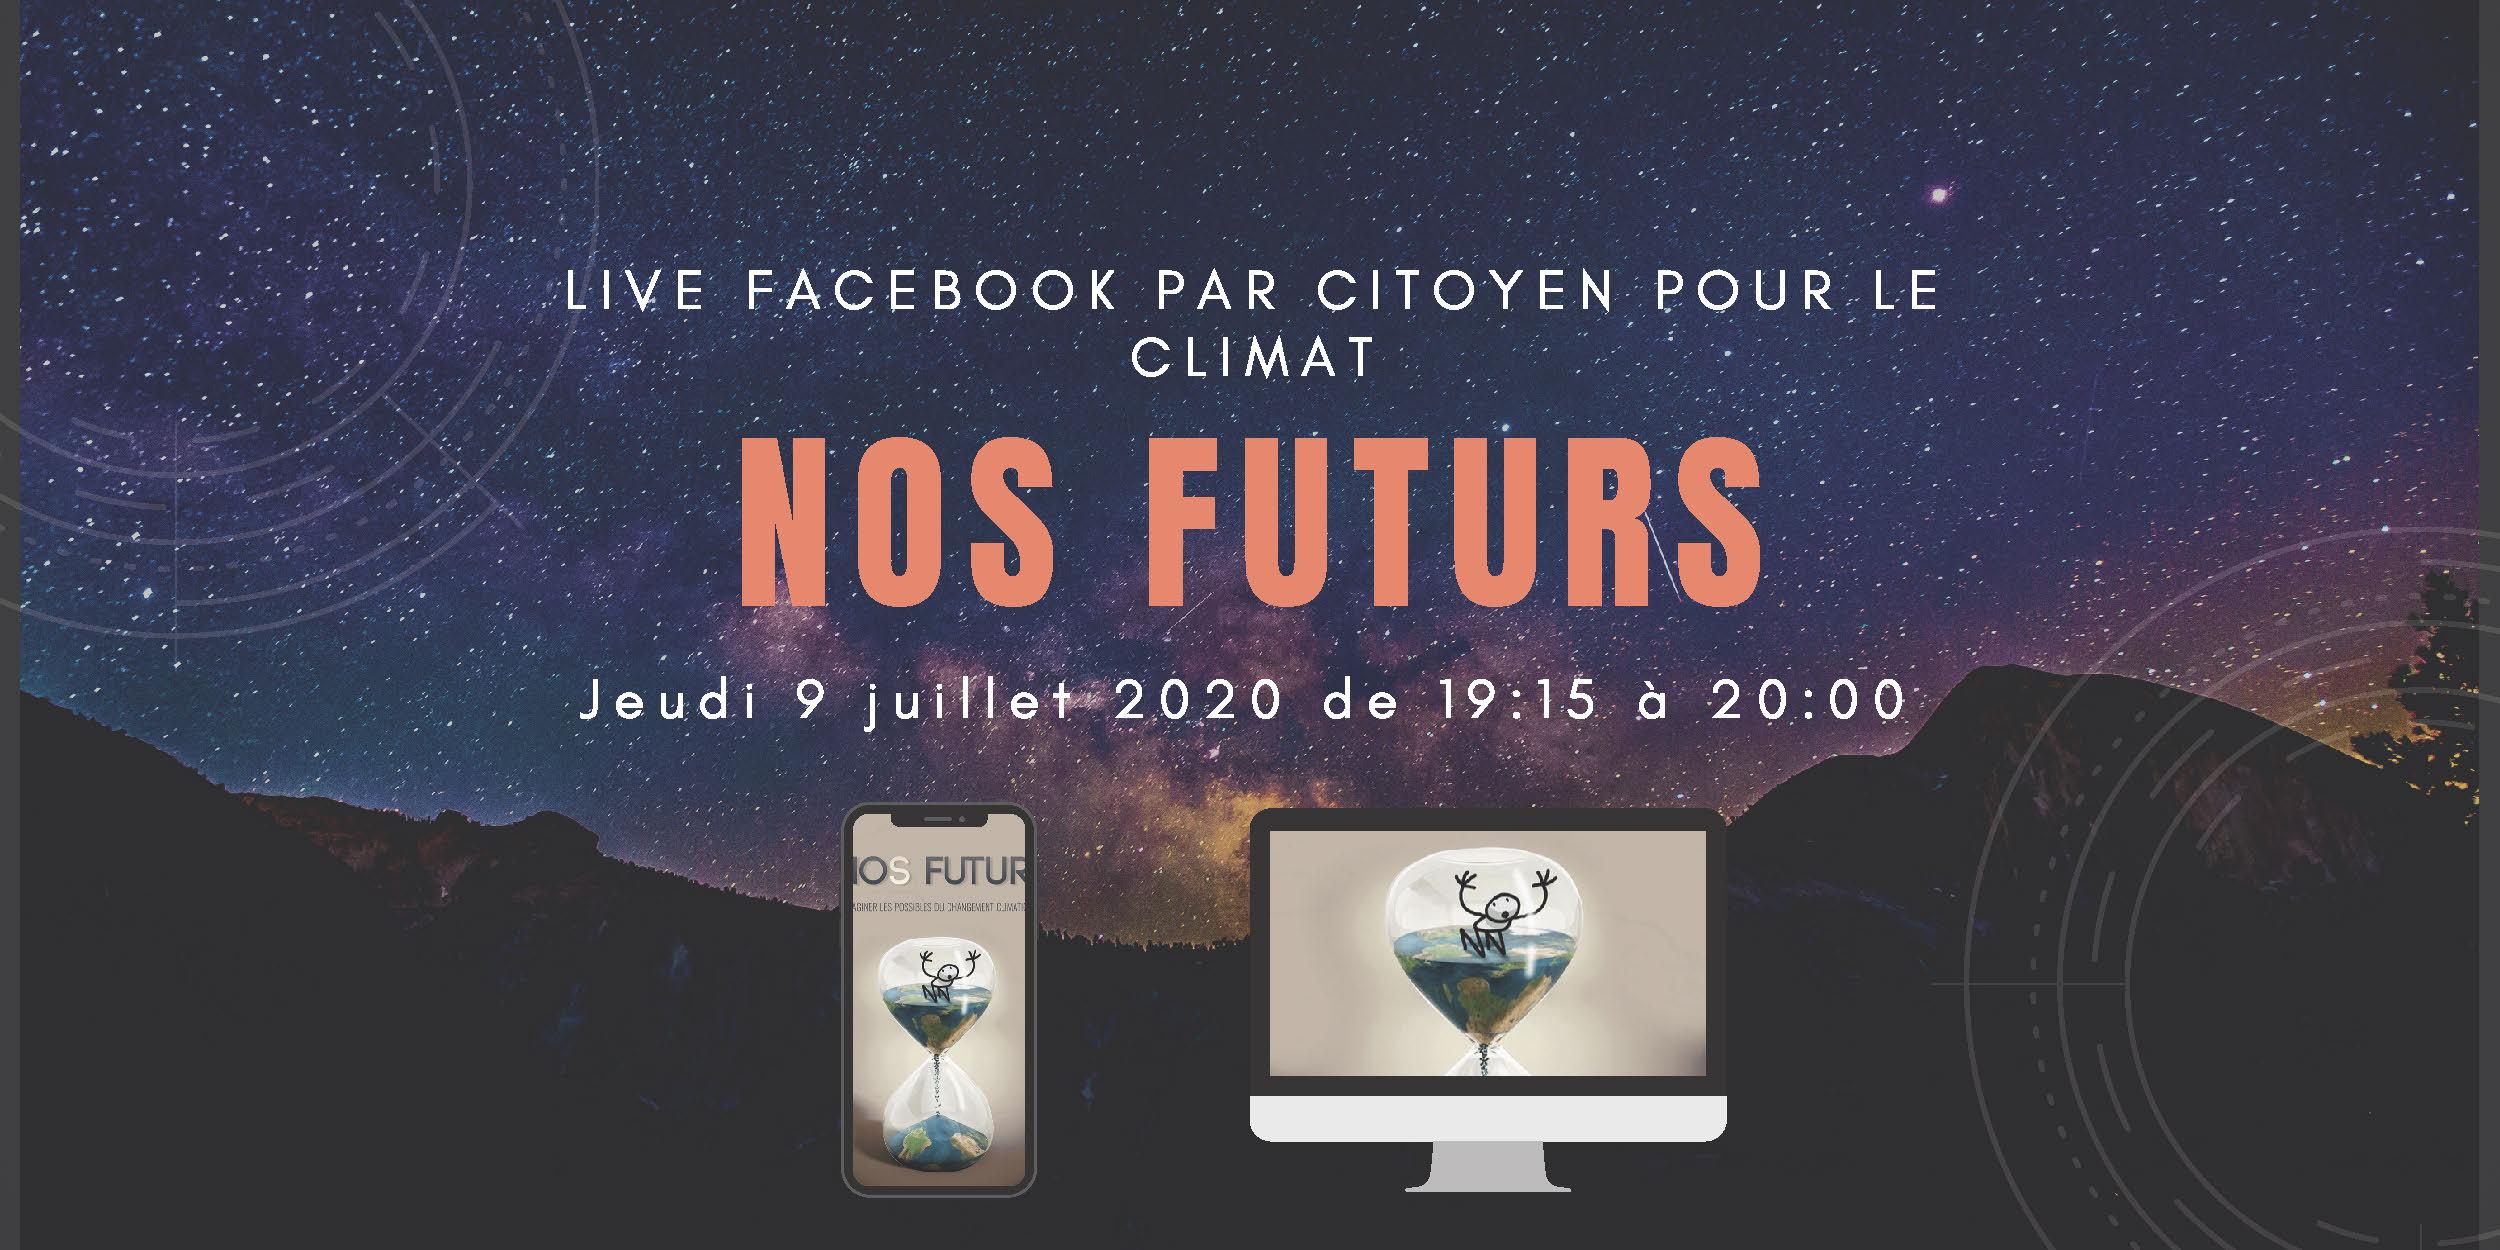 Jeudi 9 juillet 2020 de 19:15 à 20:00 UTC+02